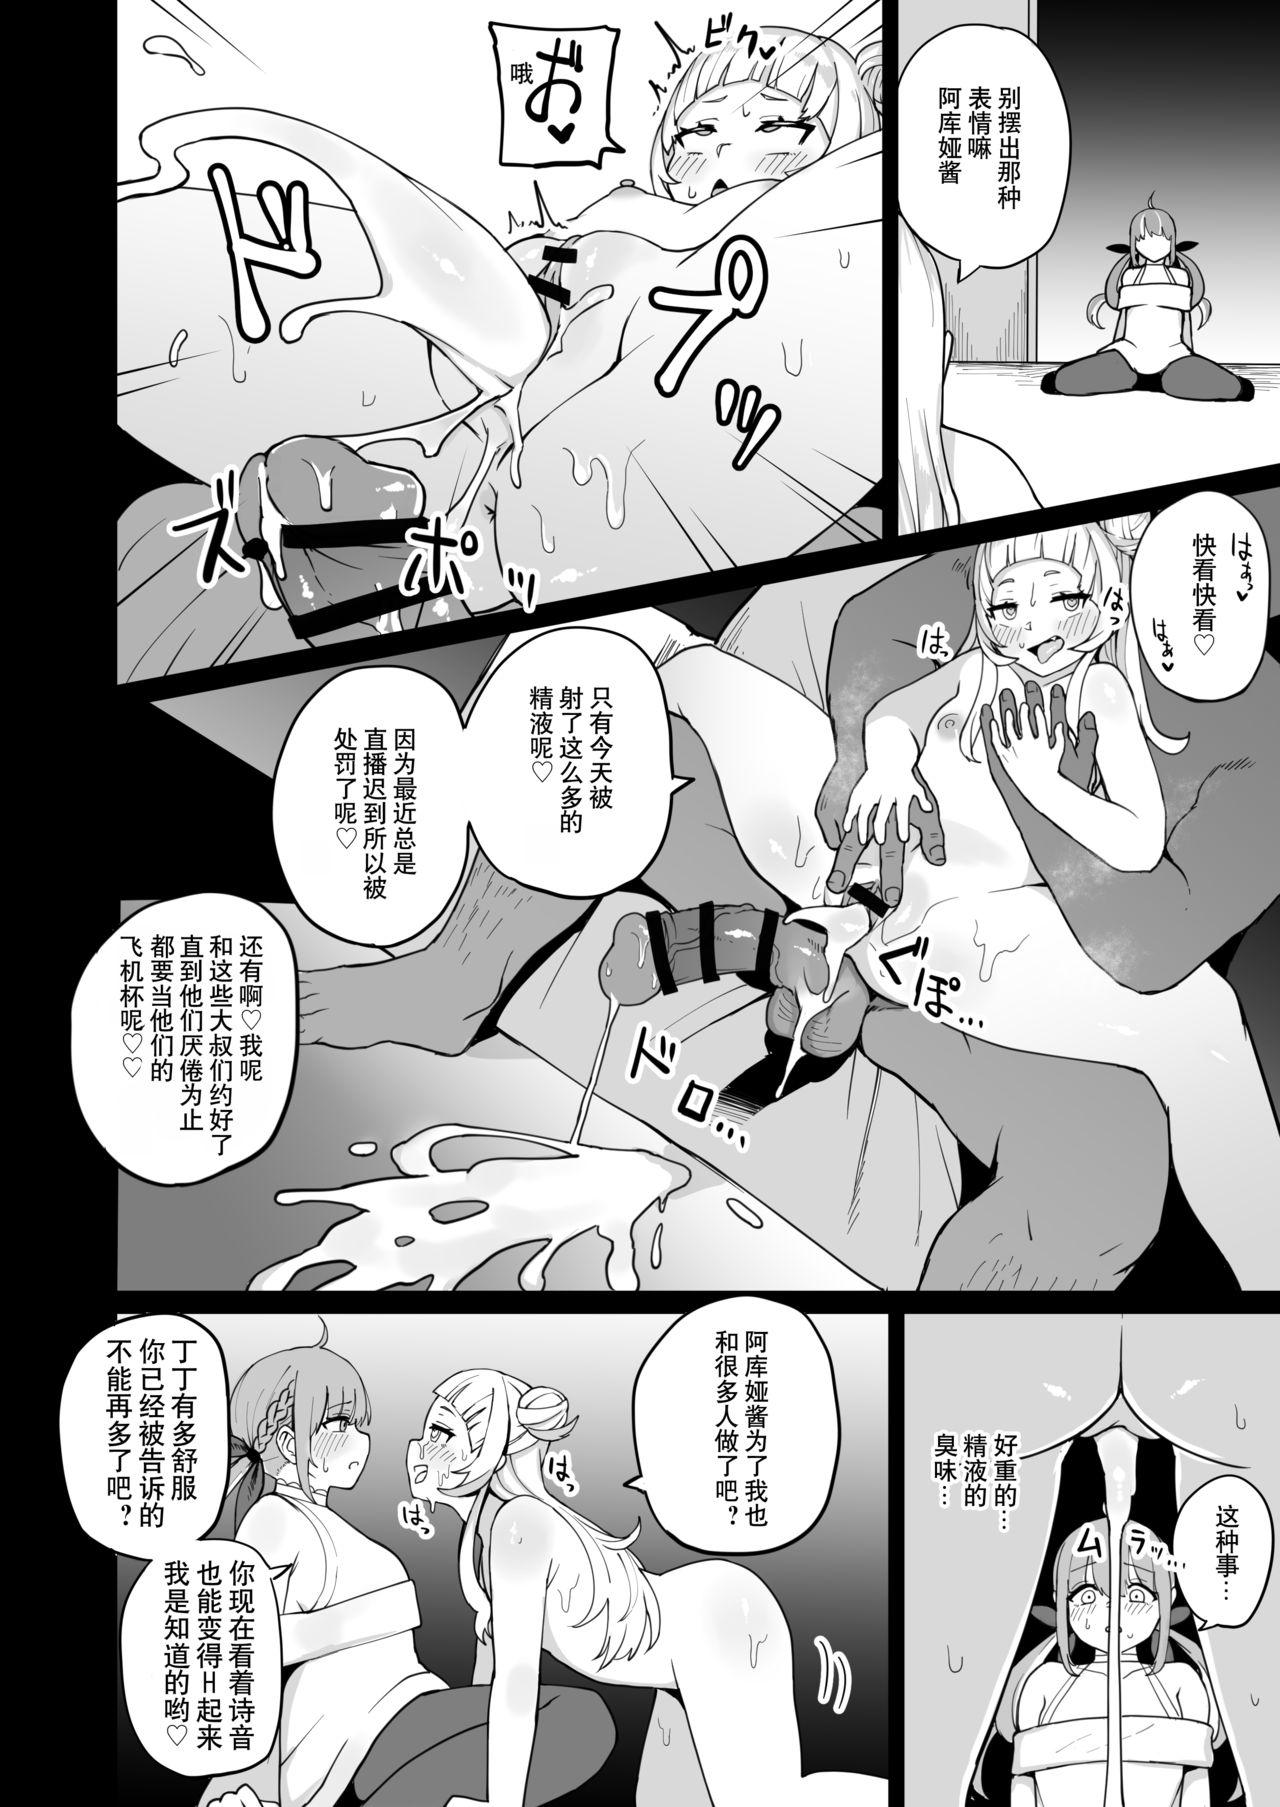 Aqua-chan wa Douki no Tame nara 20